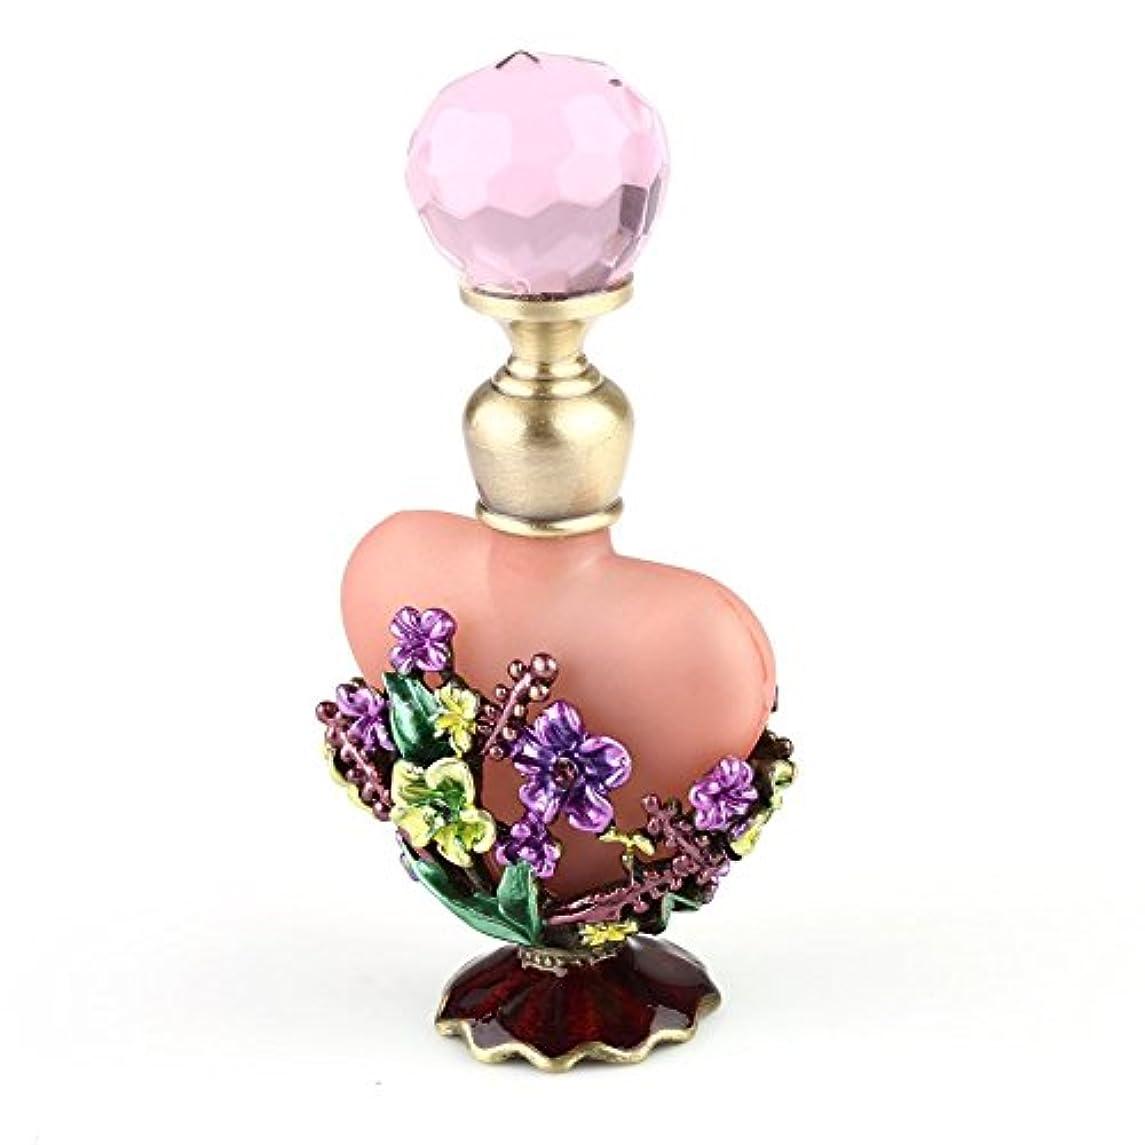 コンピューター池それからVERY100 高品質 美しい香水瓶/アロマボトル 5ML ピンク アロマオイル用瓶 綺麗アンティーク調フラワーデザイン プレゼント 結婚式 飾り